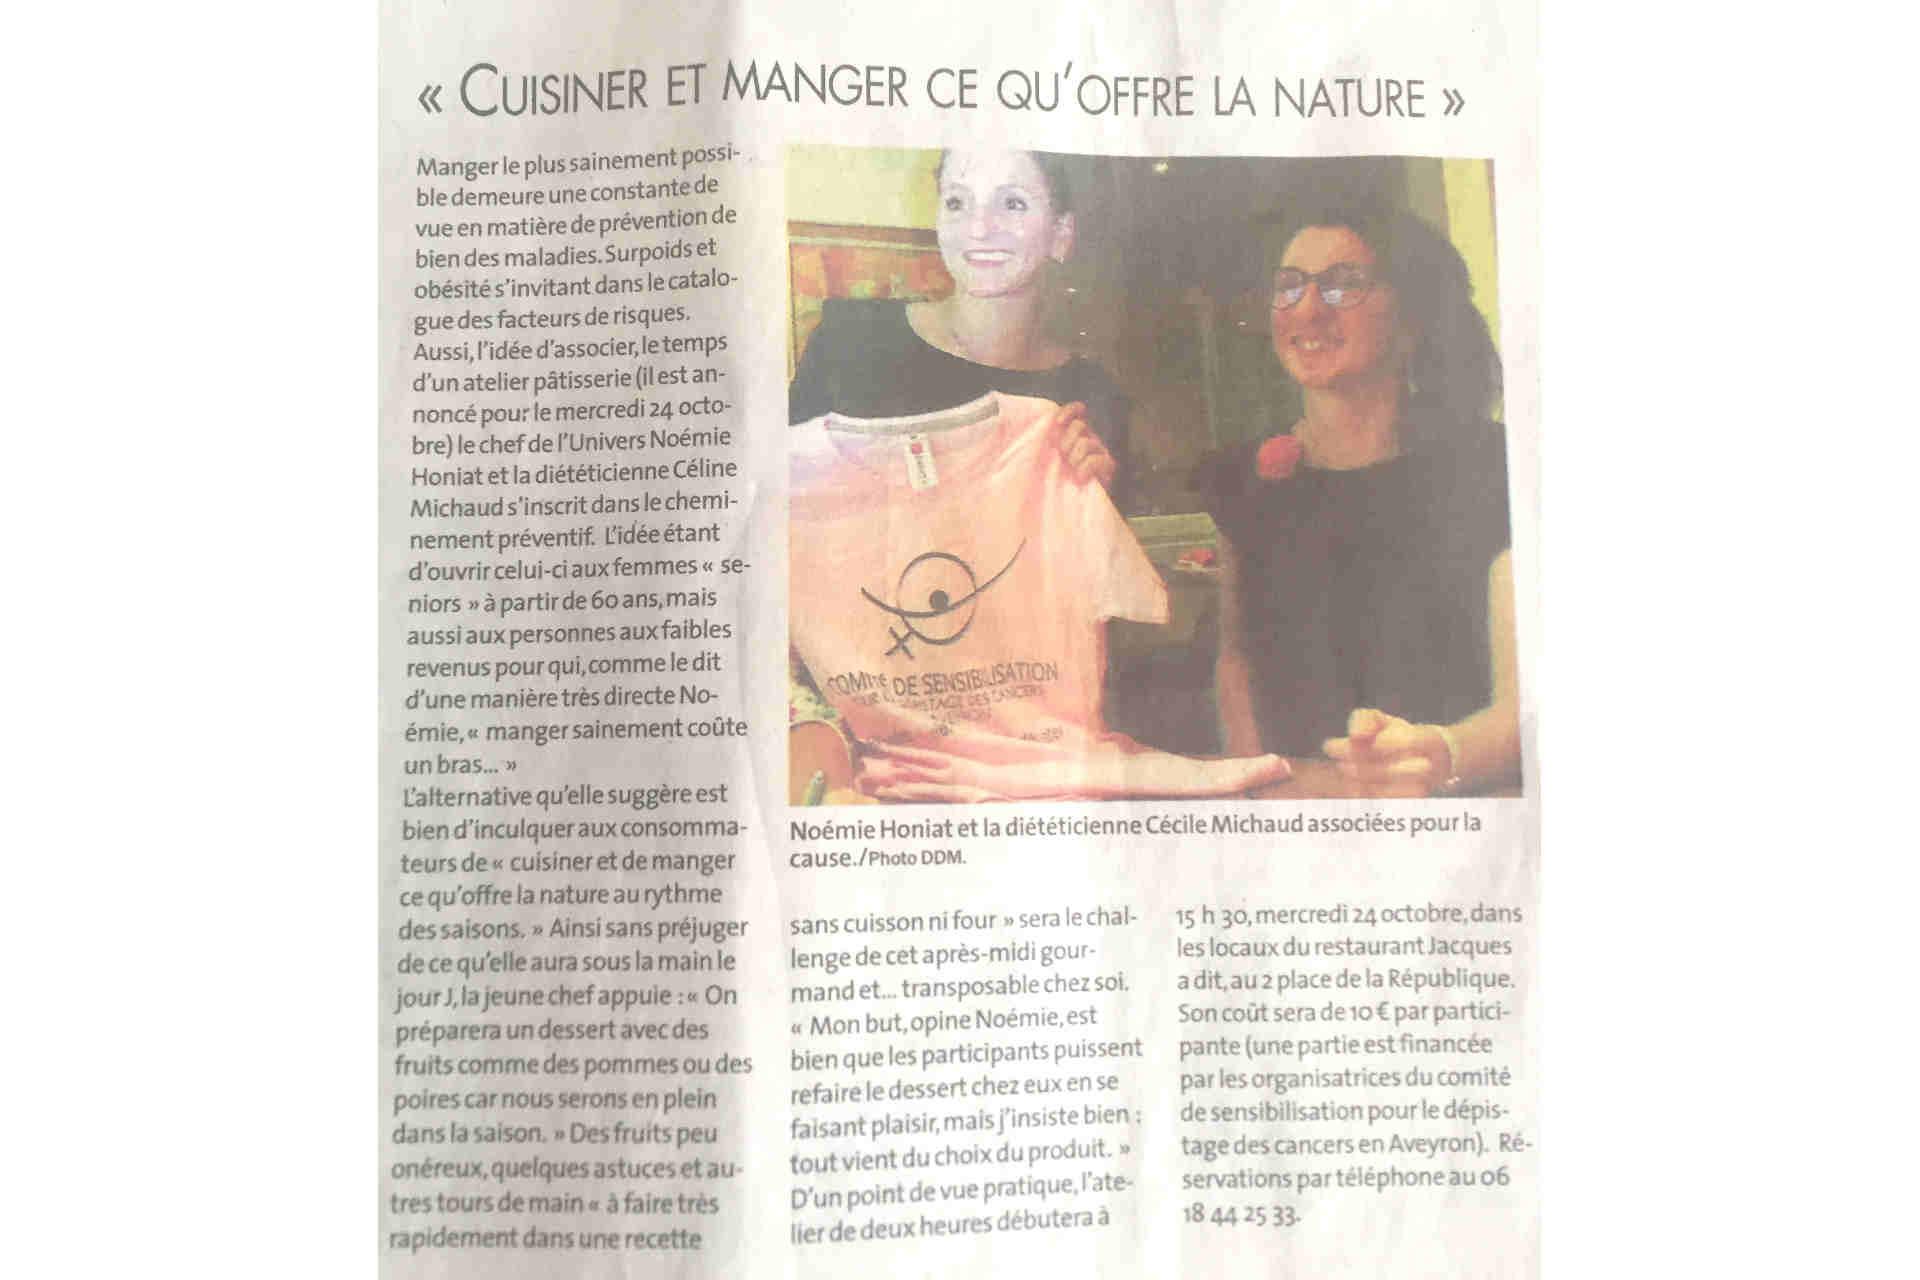 octobre rose article La dépêche atelier cuisine Noemie Honiat Cécile Michaud dépistage cancer sein